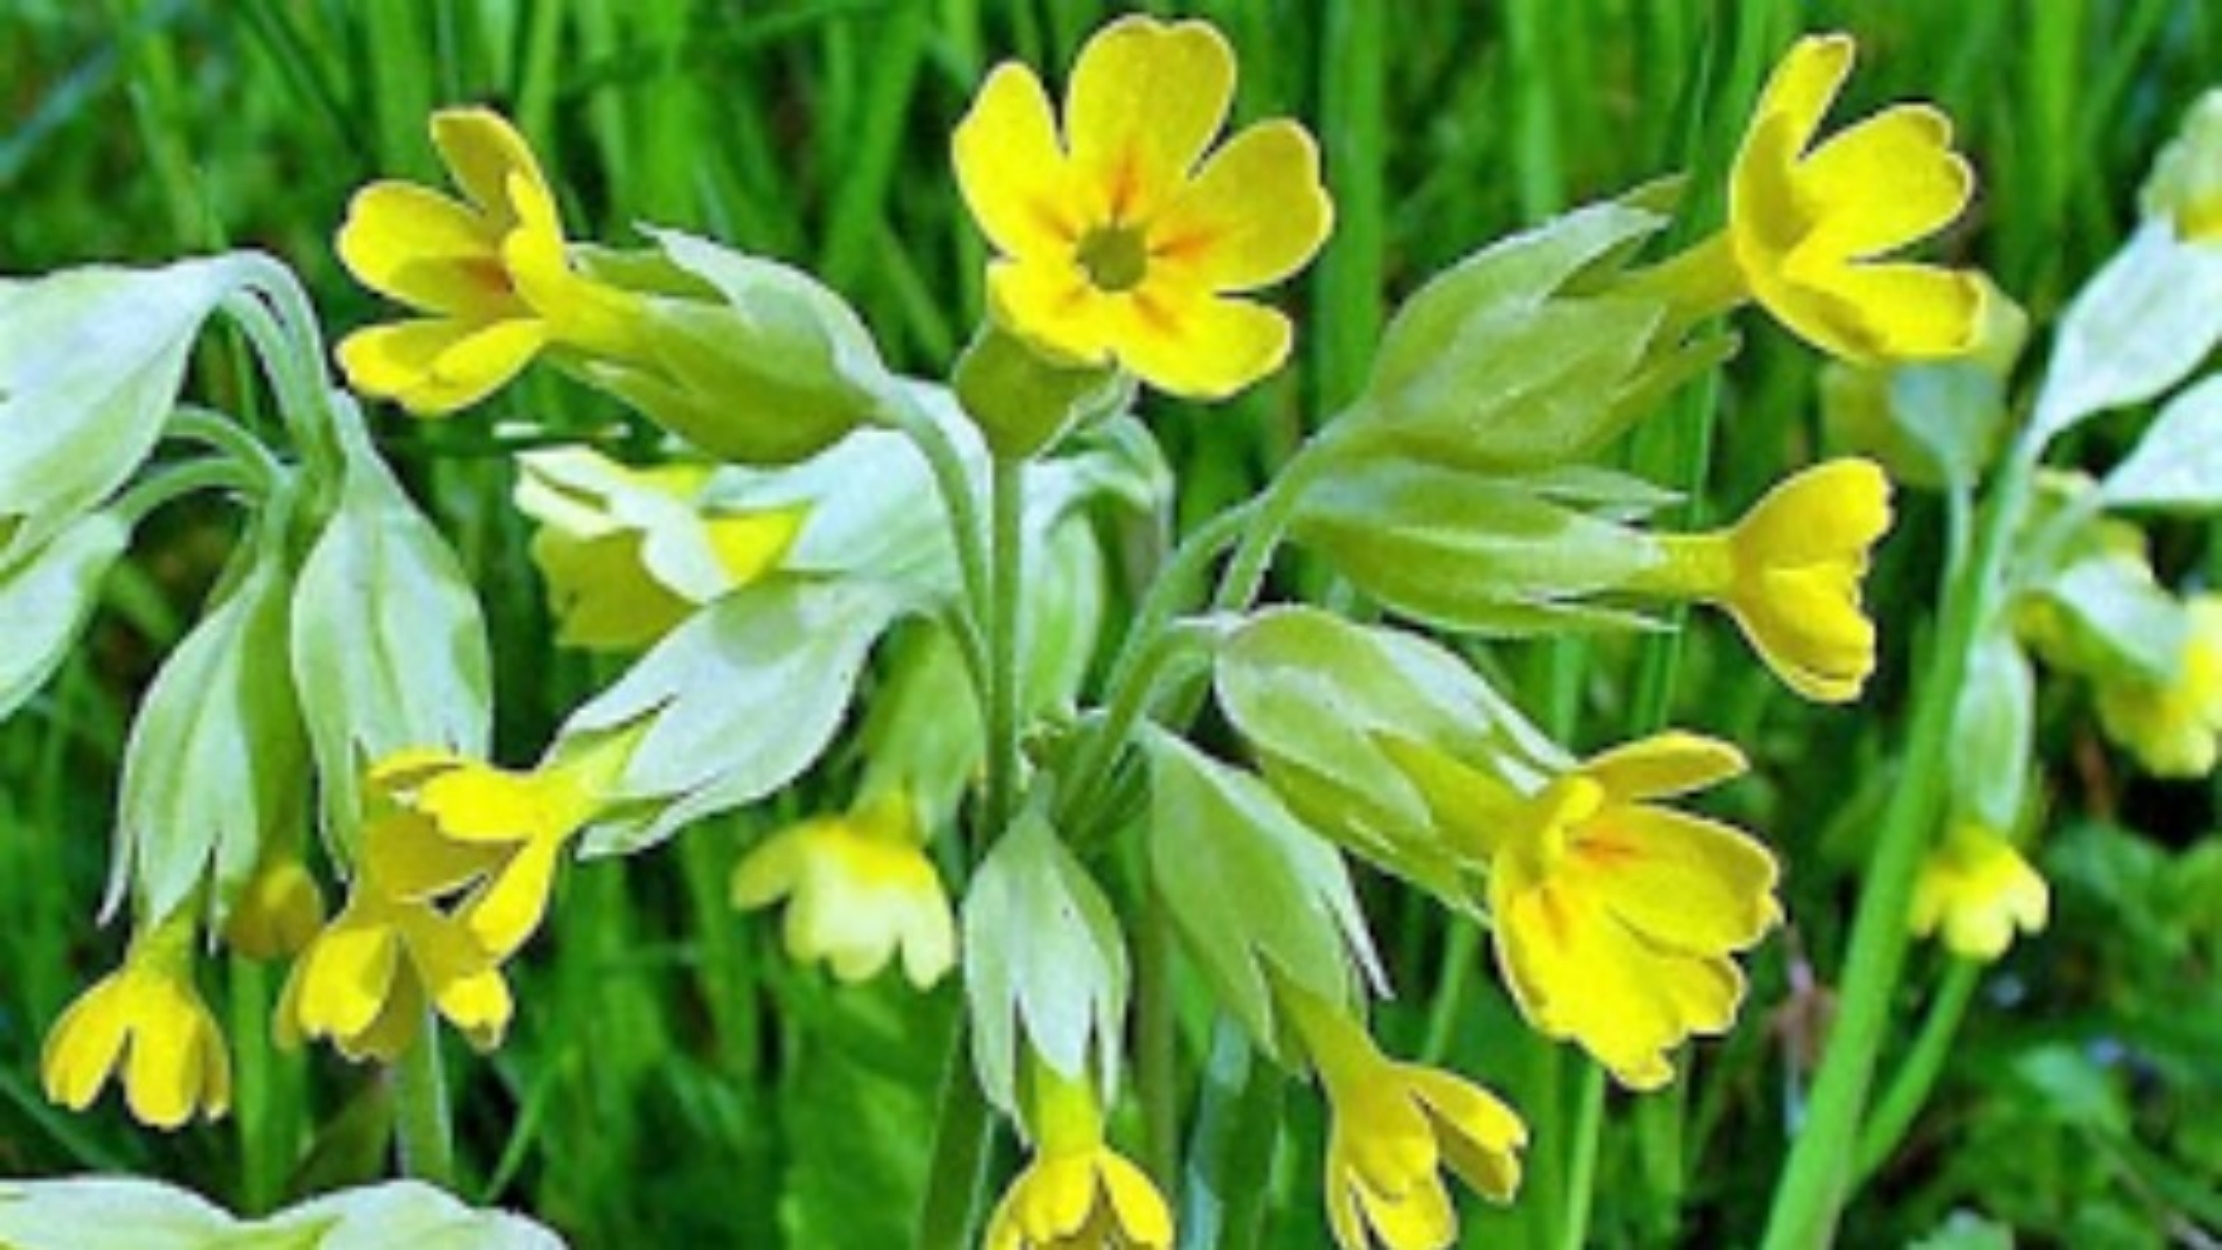 Το θεραπευτικό βότανο «λουλούδι του Δαρβίνου» που λίγοι γνωρίζουν